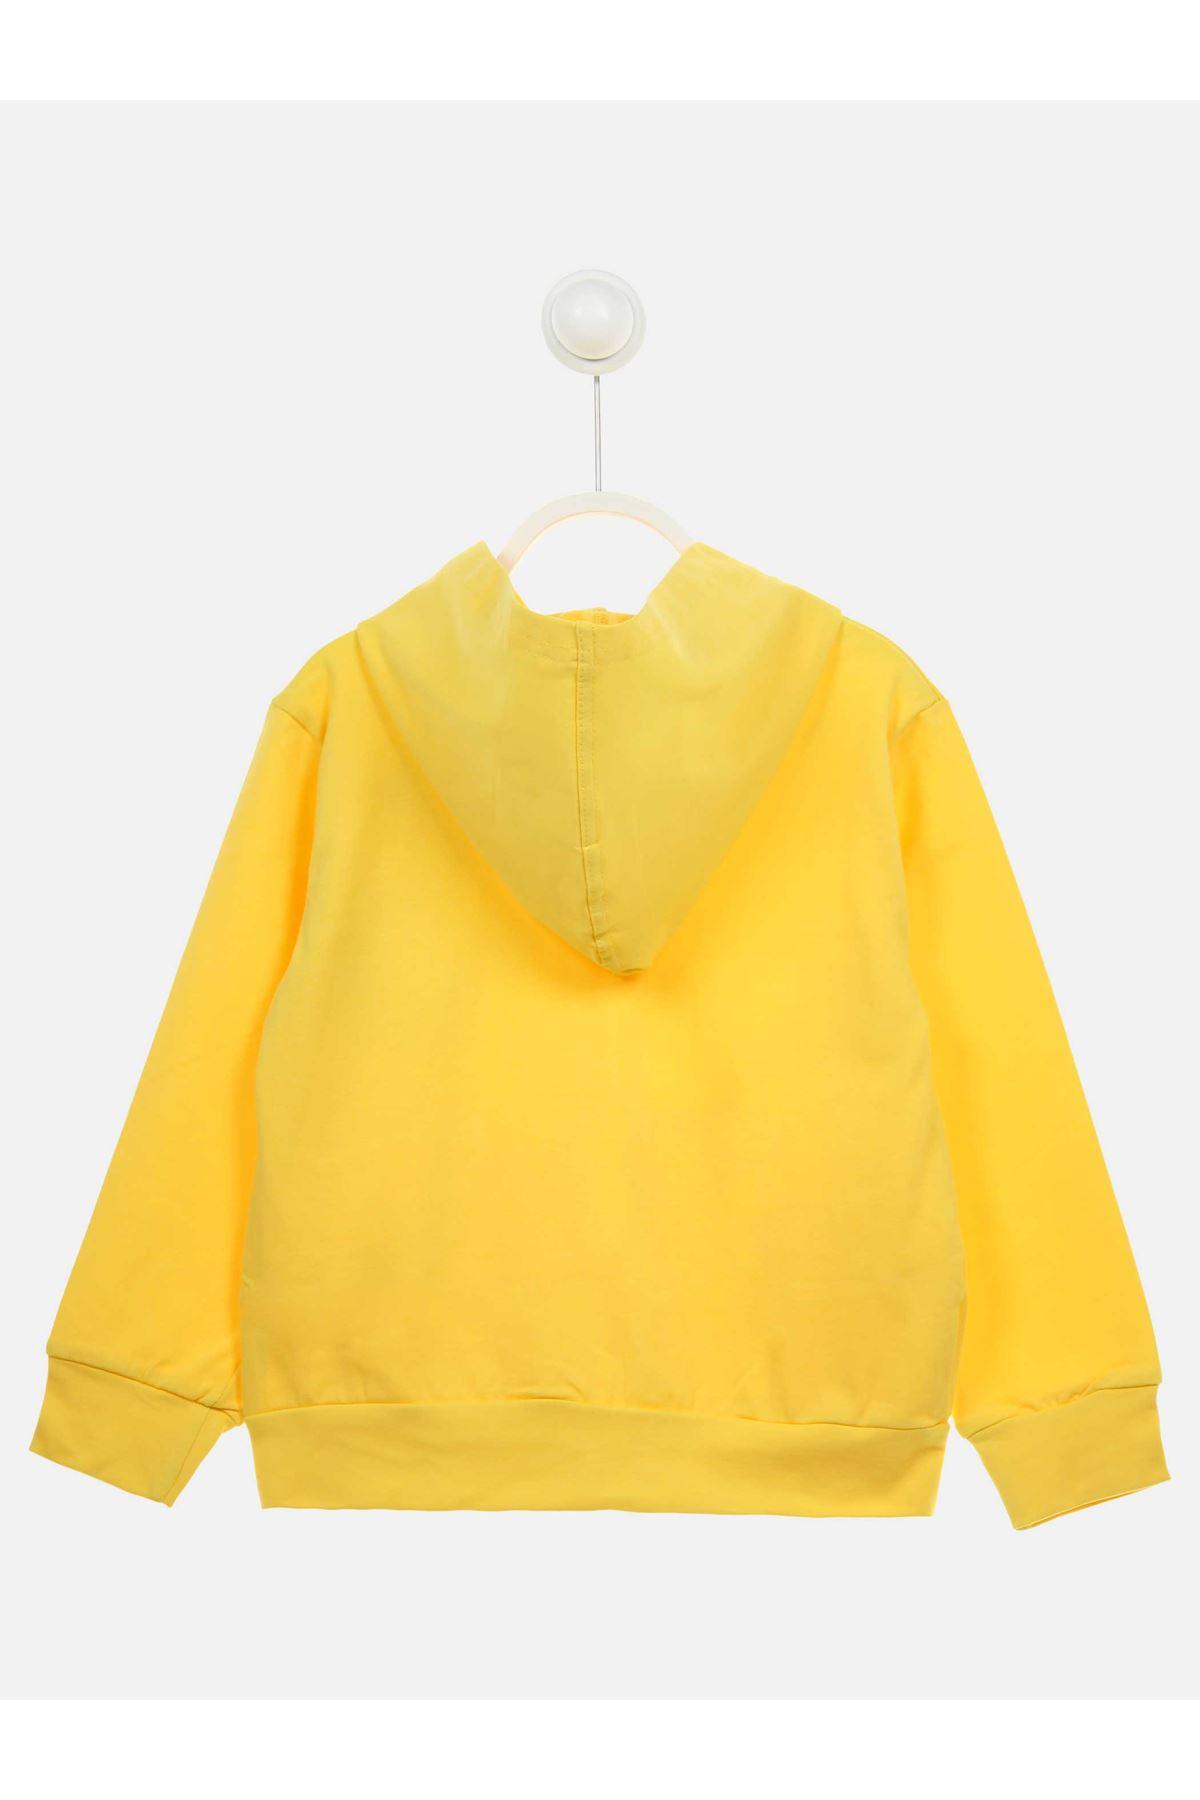 Sarı Mevsimlik Kız Çocuk Ceket